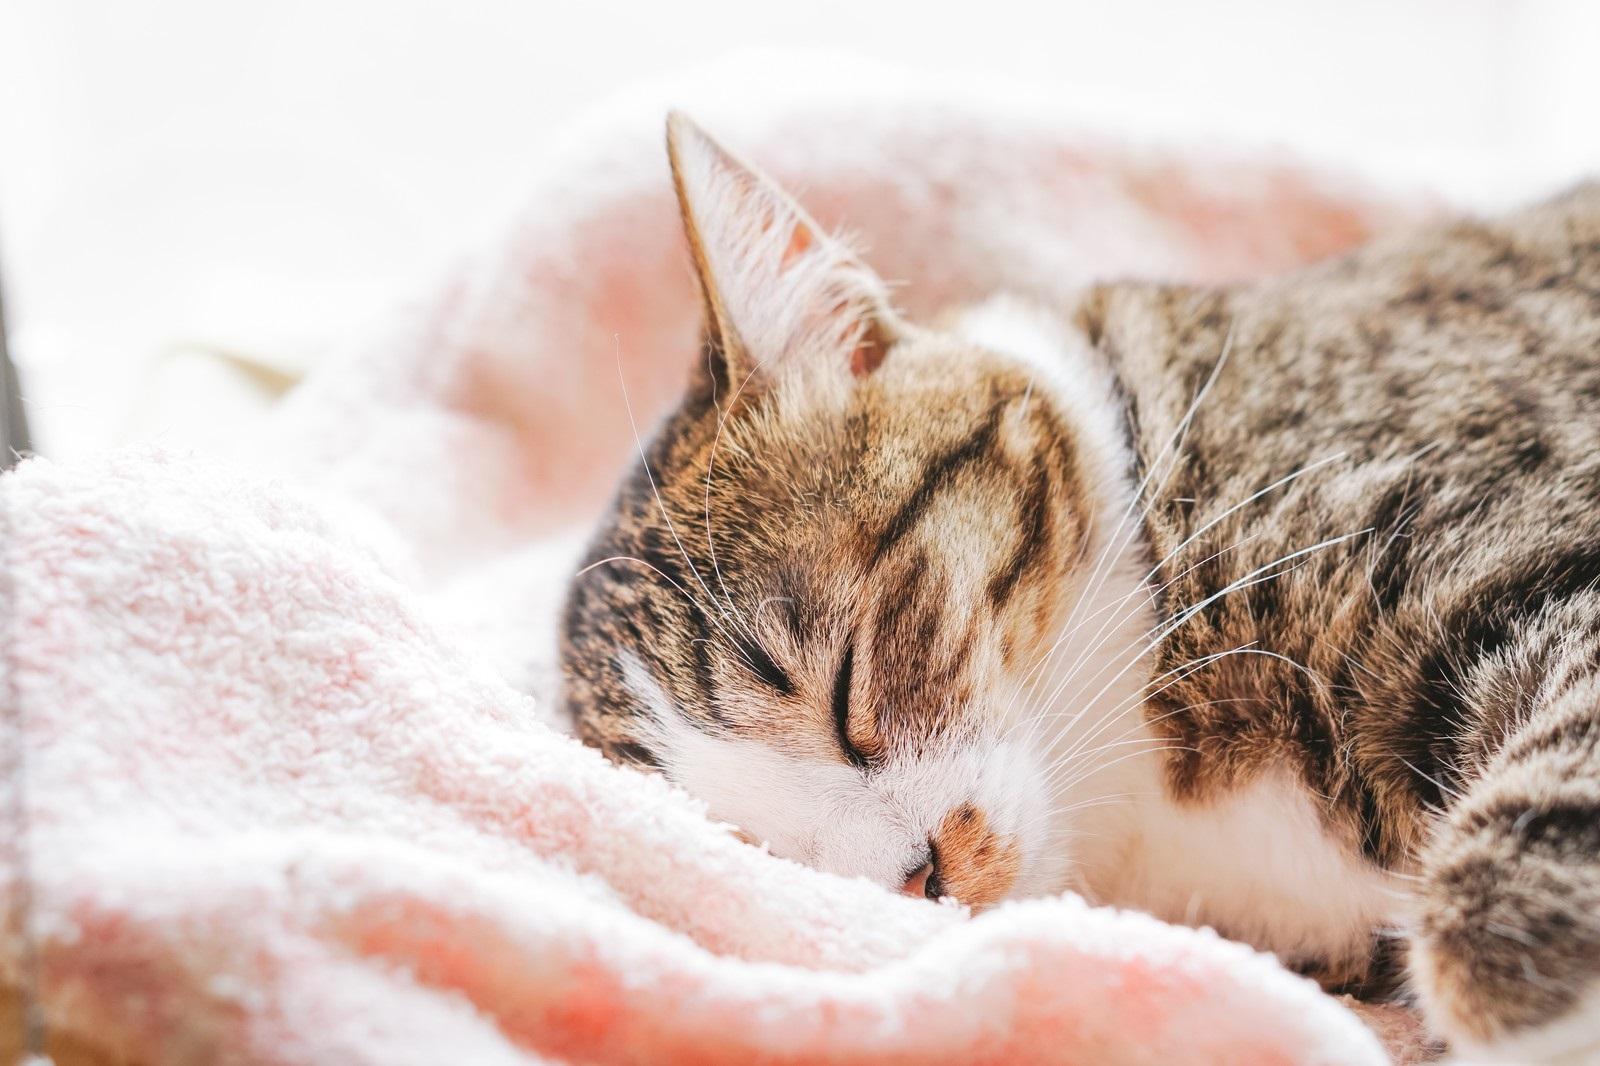 ネコはシャンプーが必要?どのくらいの頻度?猫のトリミングサロン利用の危険性は?